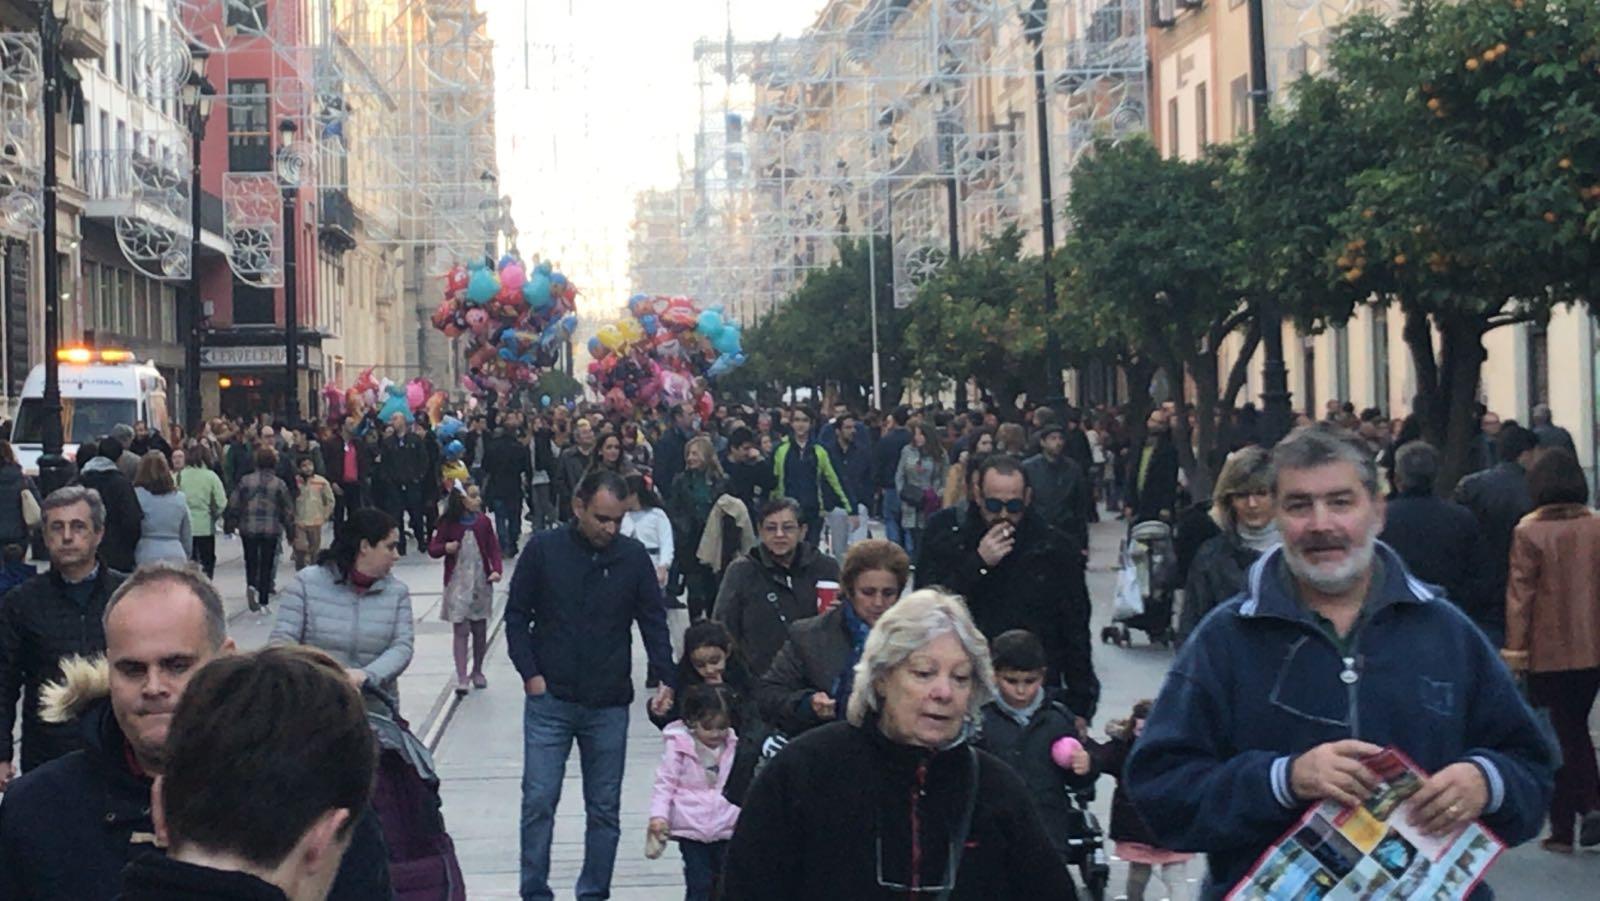 La avenida, repleta de público en la tarde de este miércoles festivo.